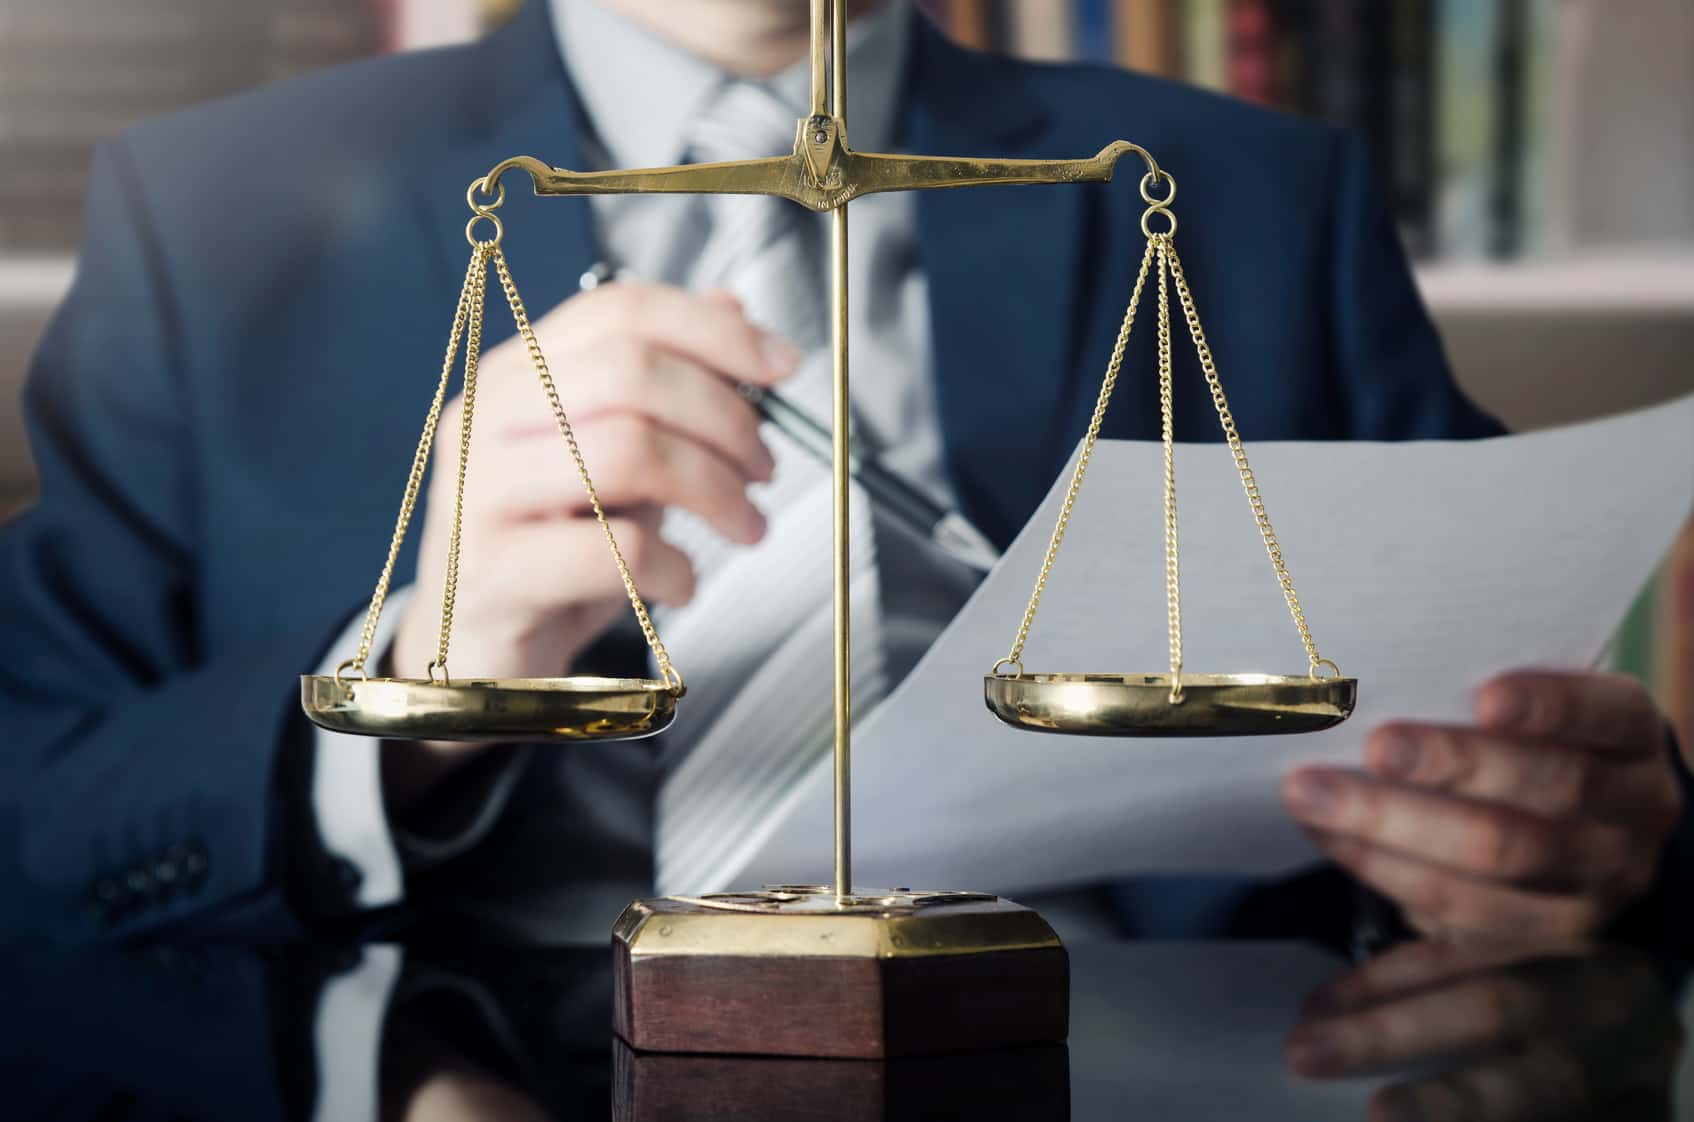 İzmir Avukat, İzmir Ağır Ceza Avukatları, İzmir Ağır Ceza Avukatı, İzmir Hukuk Bürosu, İzmir Hukuk Büroları